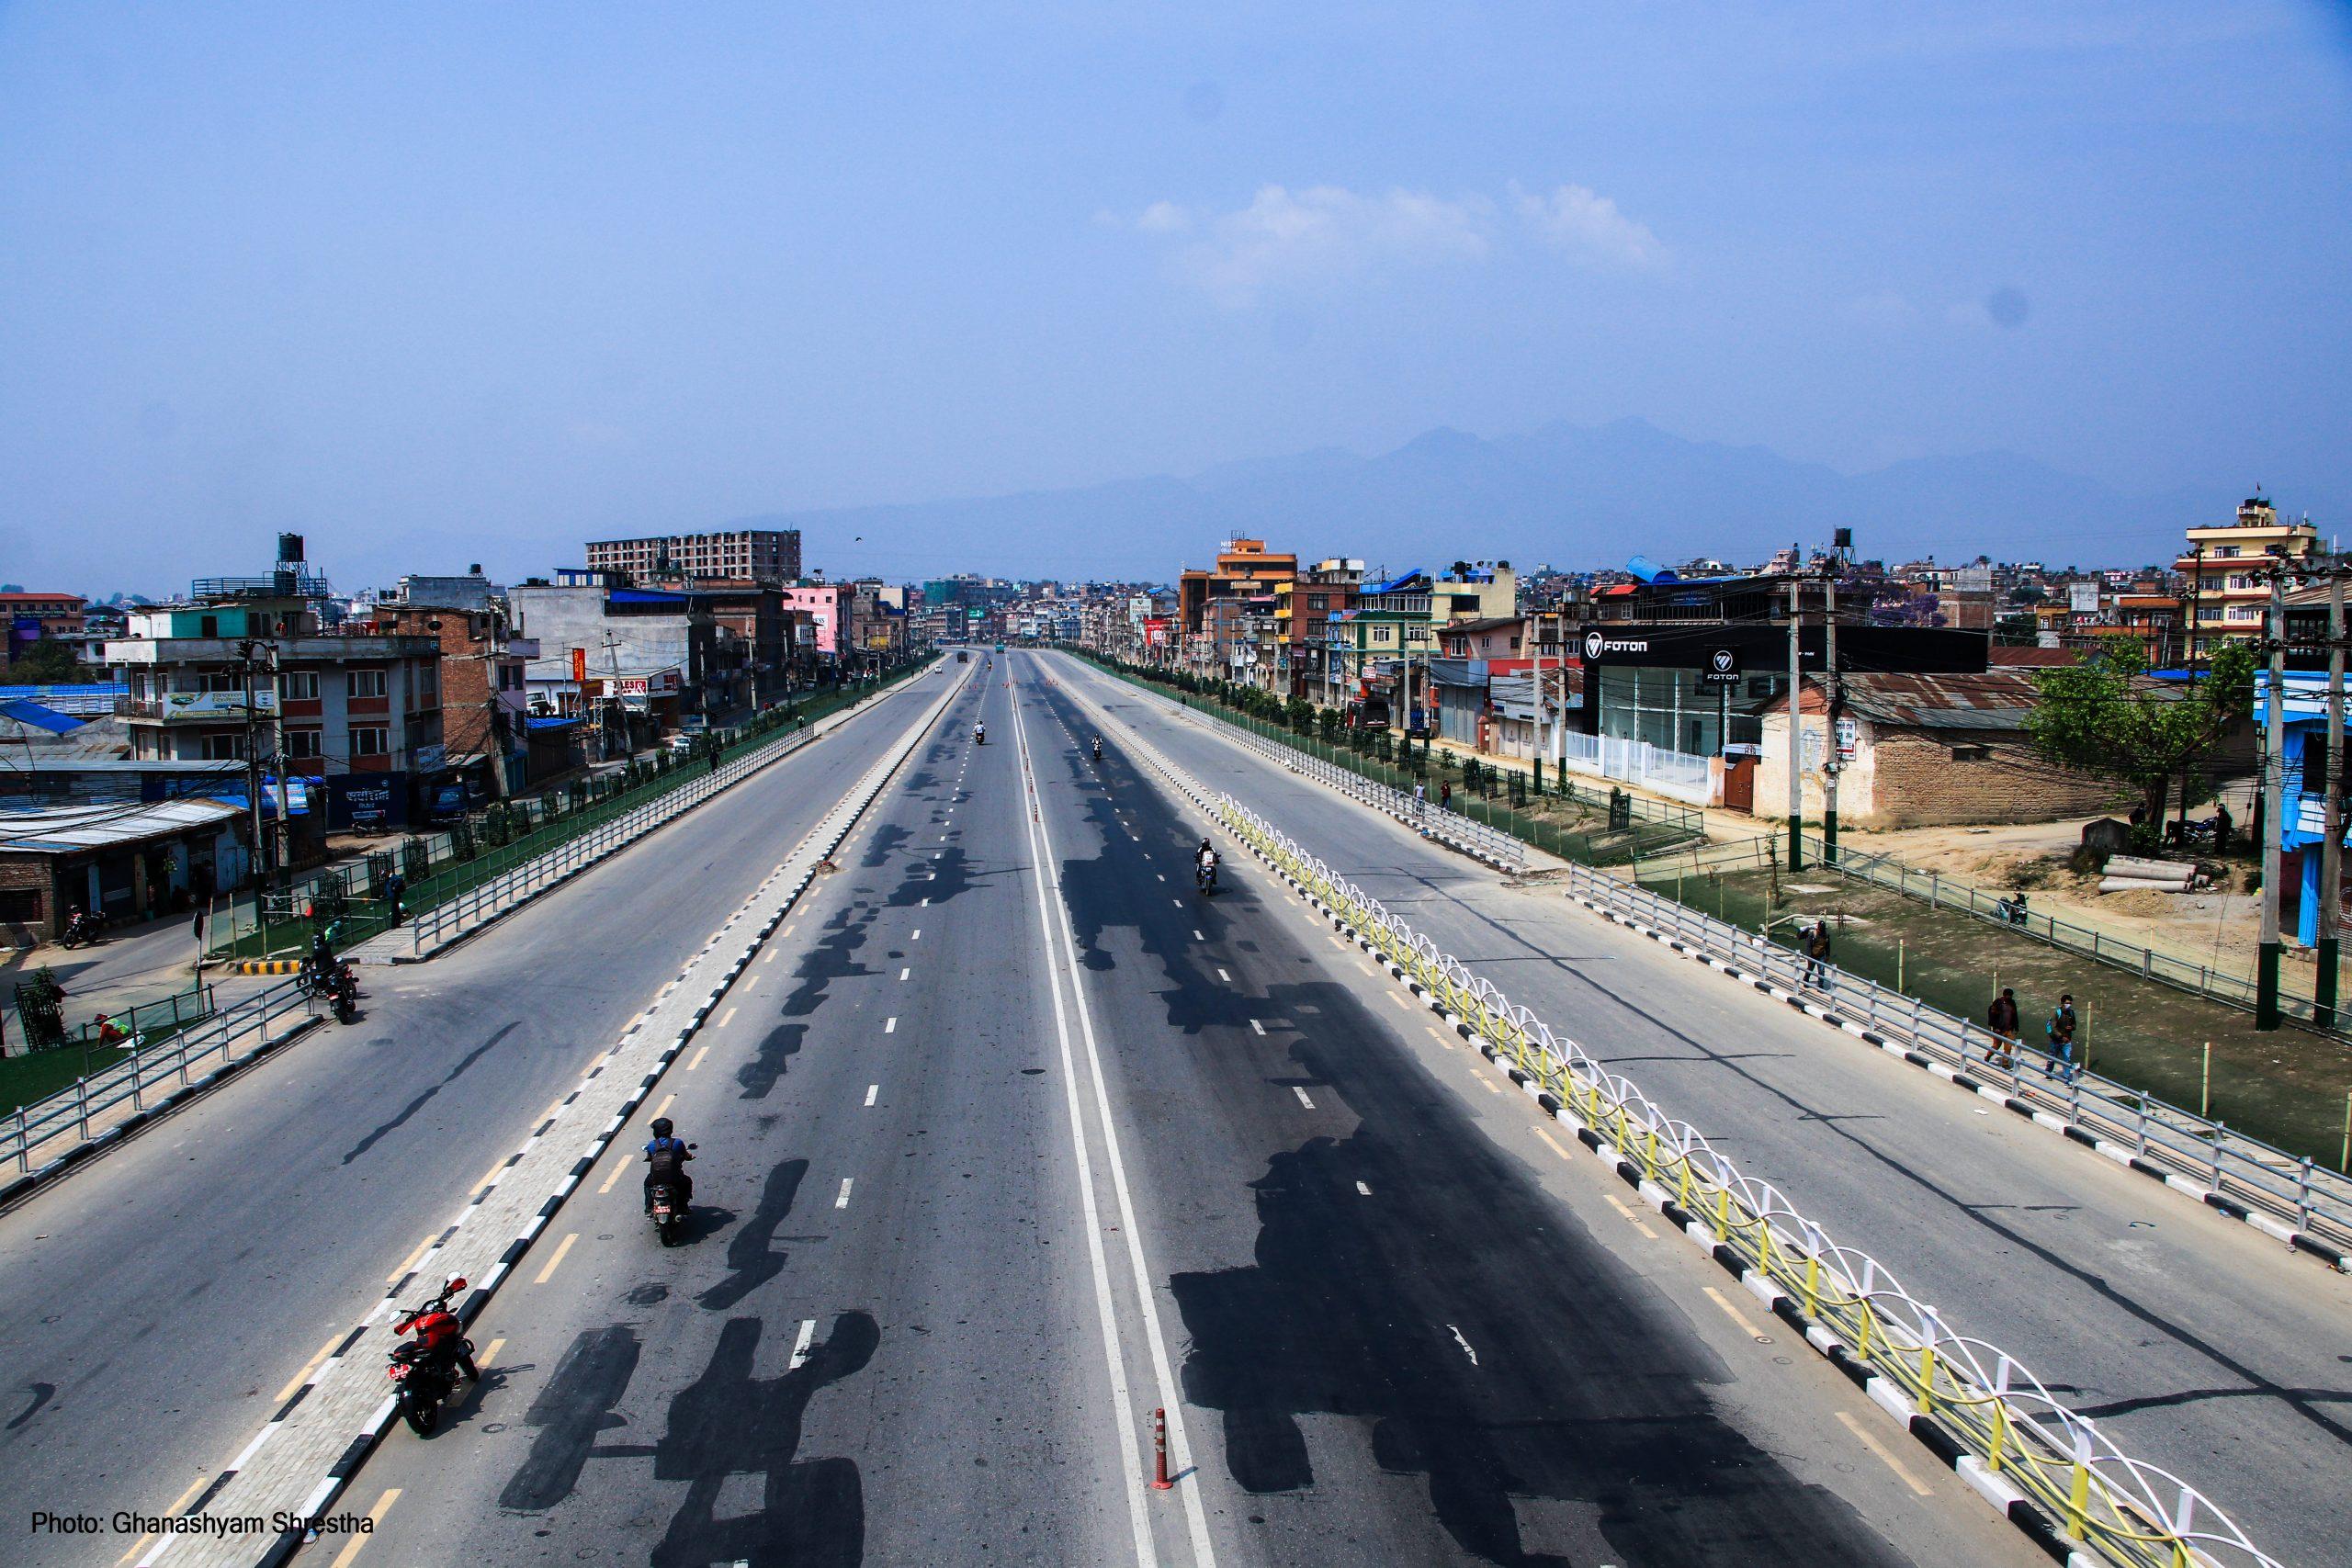 Lock down in Kathmandu, Best Image Of Kathmandu Valley,lockdown in nepal kathmandu,lockdown in nepal 2020,lockdown in kathmandu 2021, pokhara lockdown, lockdown in kathmandu again,lockdown in nepal,lockdown in nepal 2021 update,lockdown status in nepal,